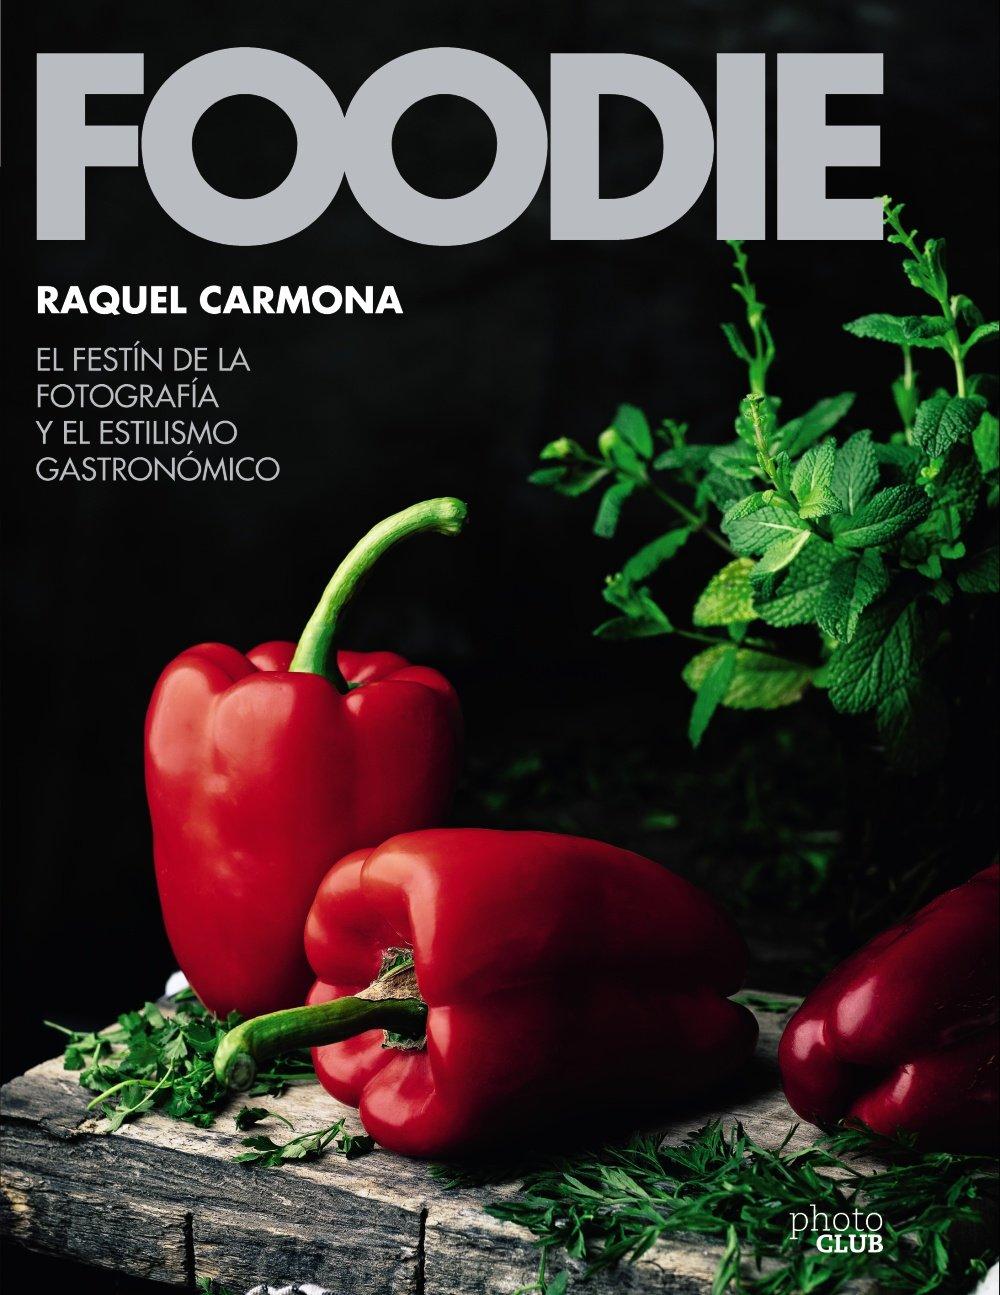 Foodie libro de Raquel Carmona